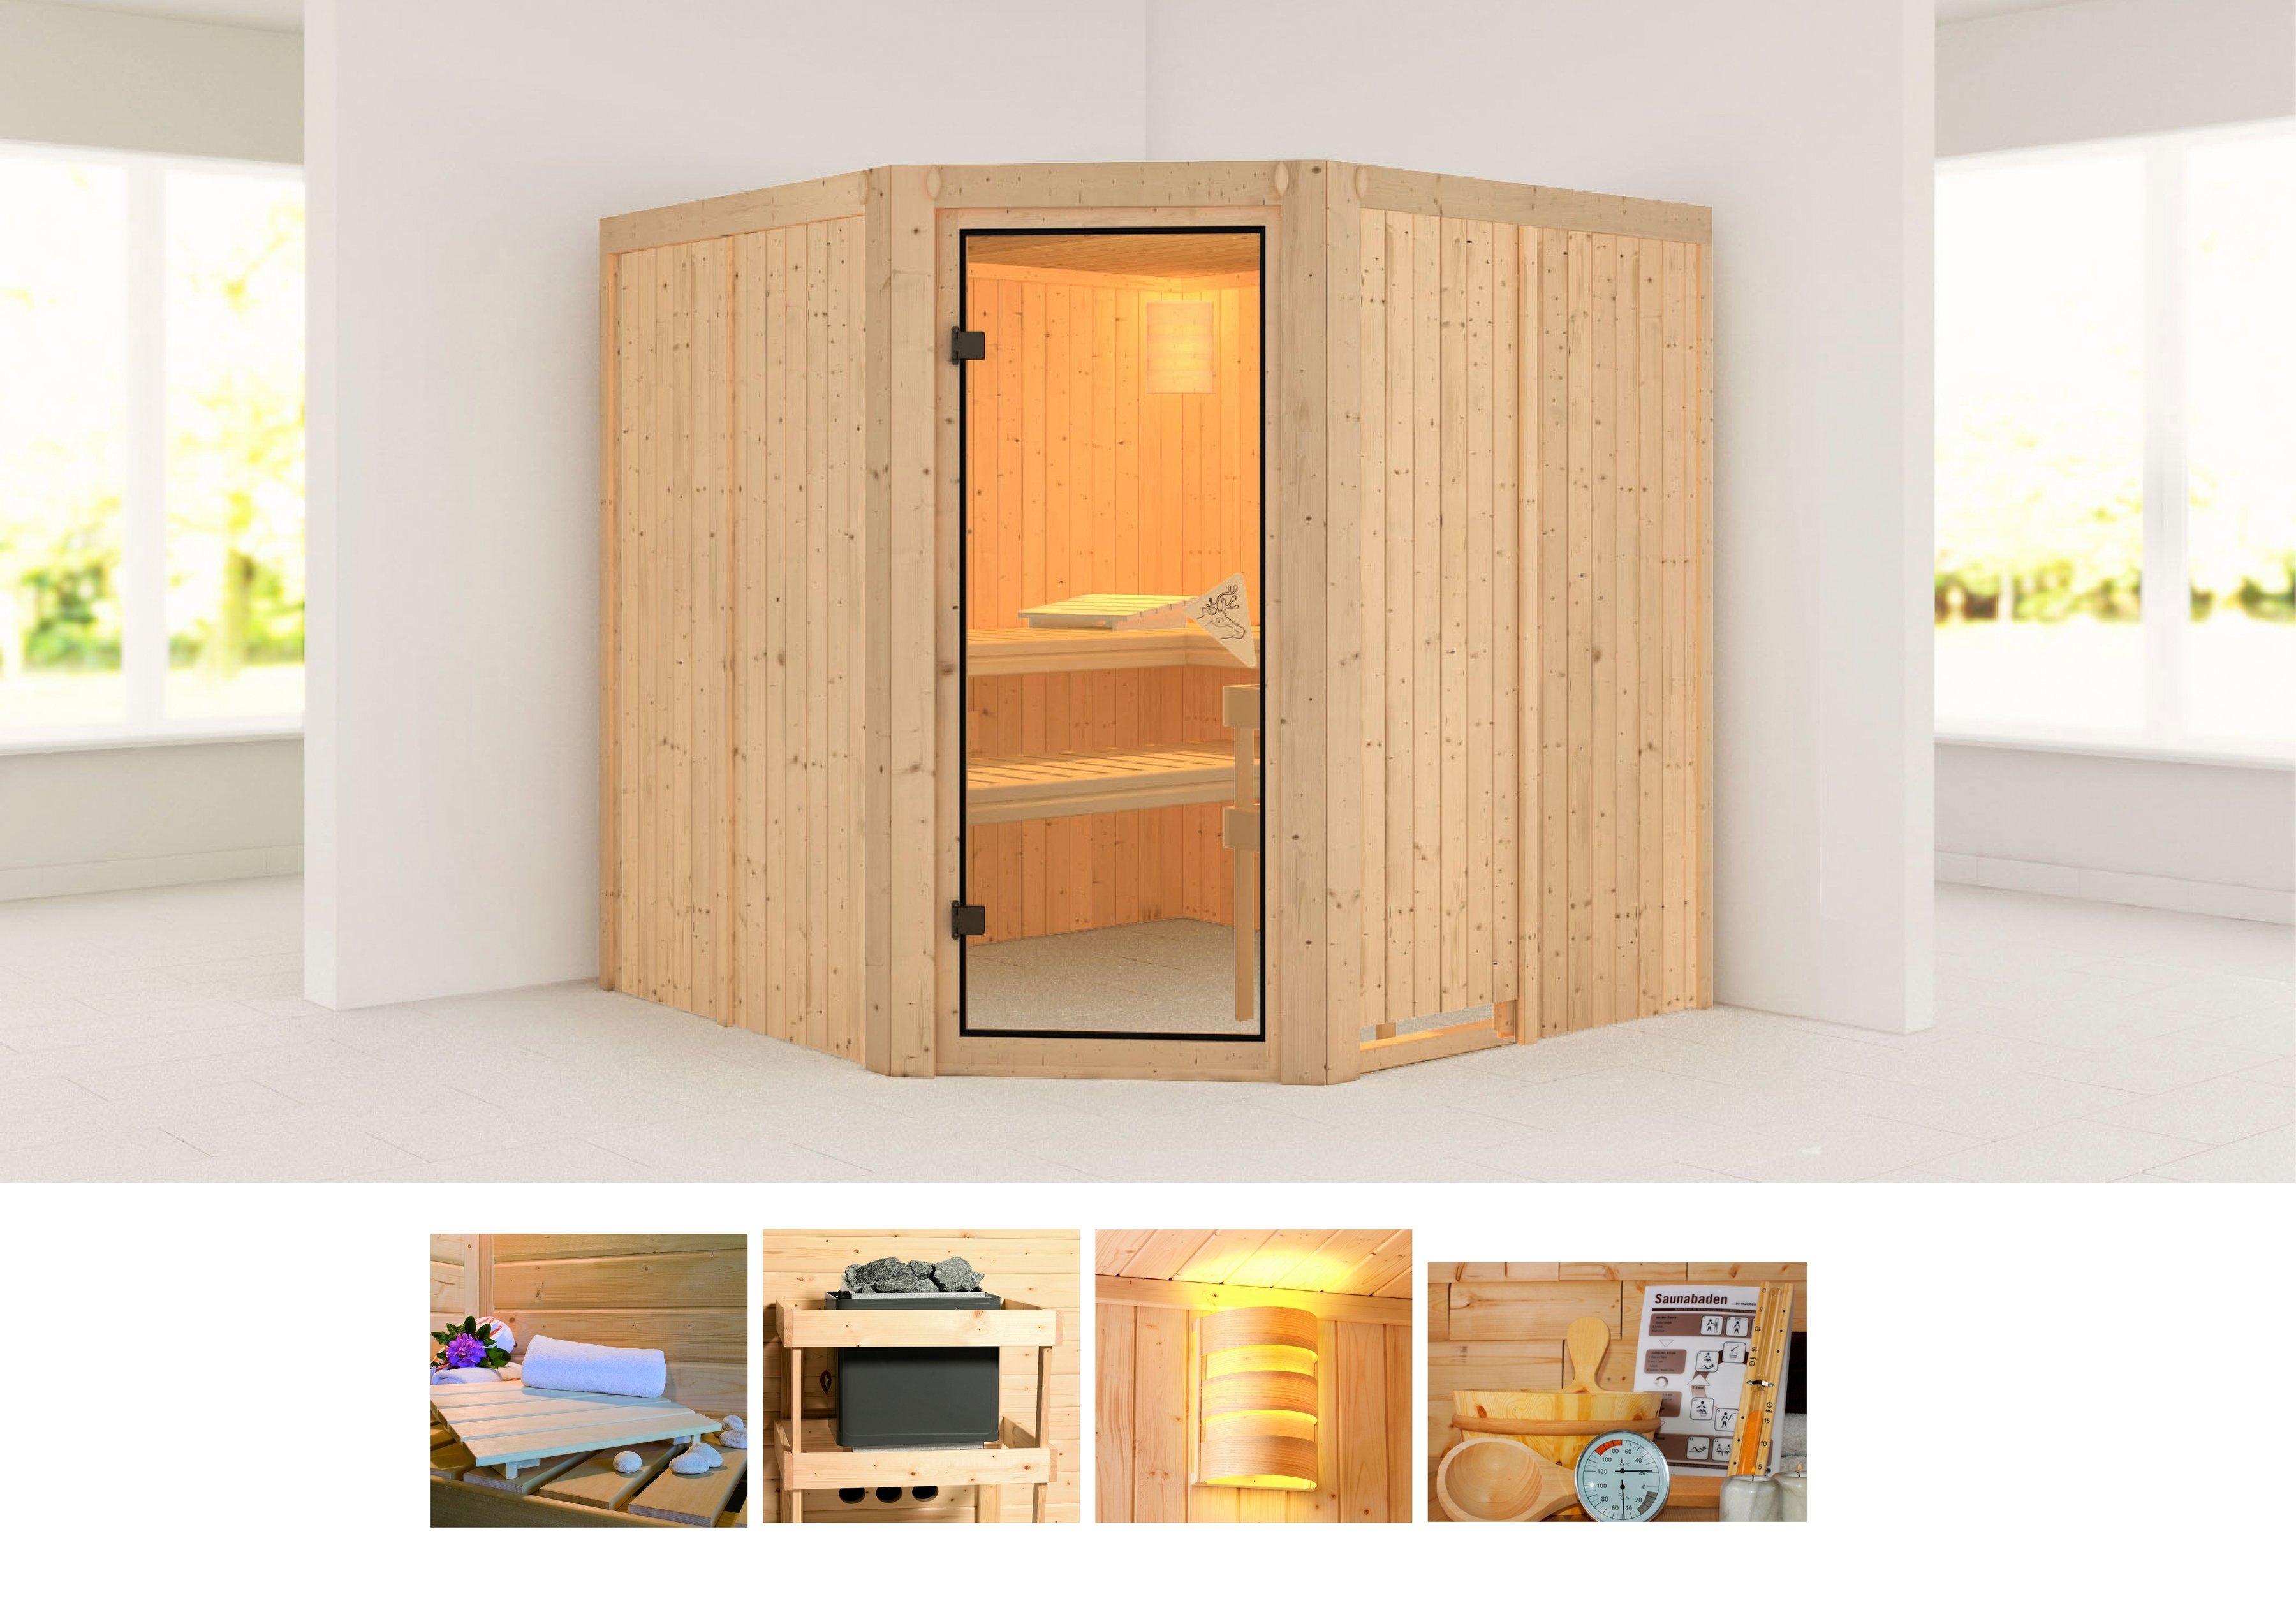 Konifera sauna »Jarin«, 196/196/198 cm, ohne Ofen veilig op otto.nl kopen